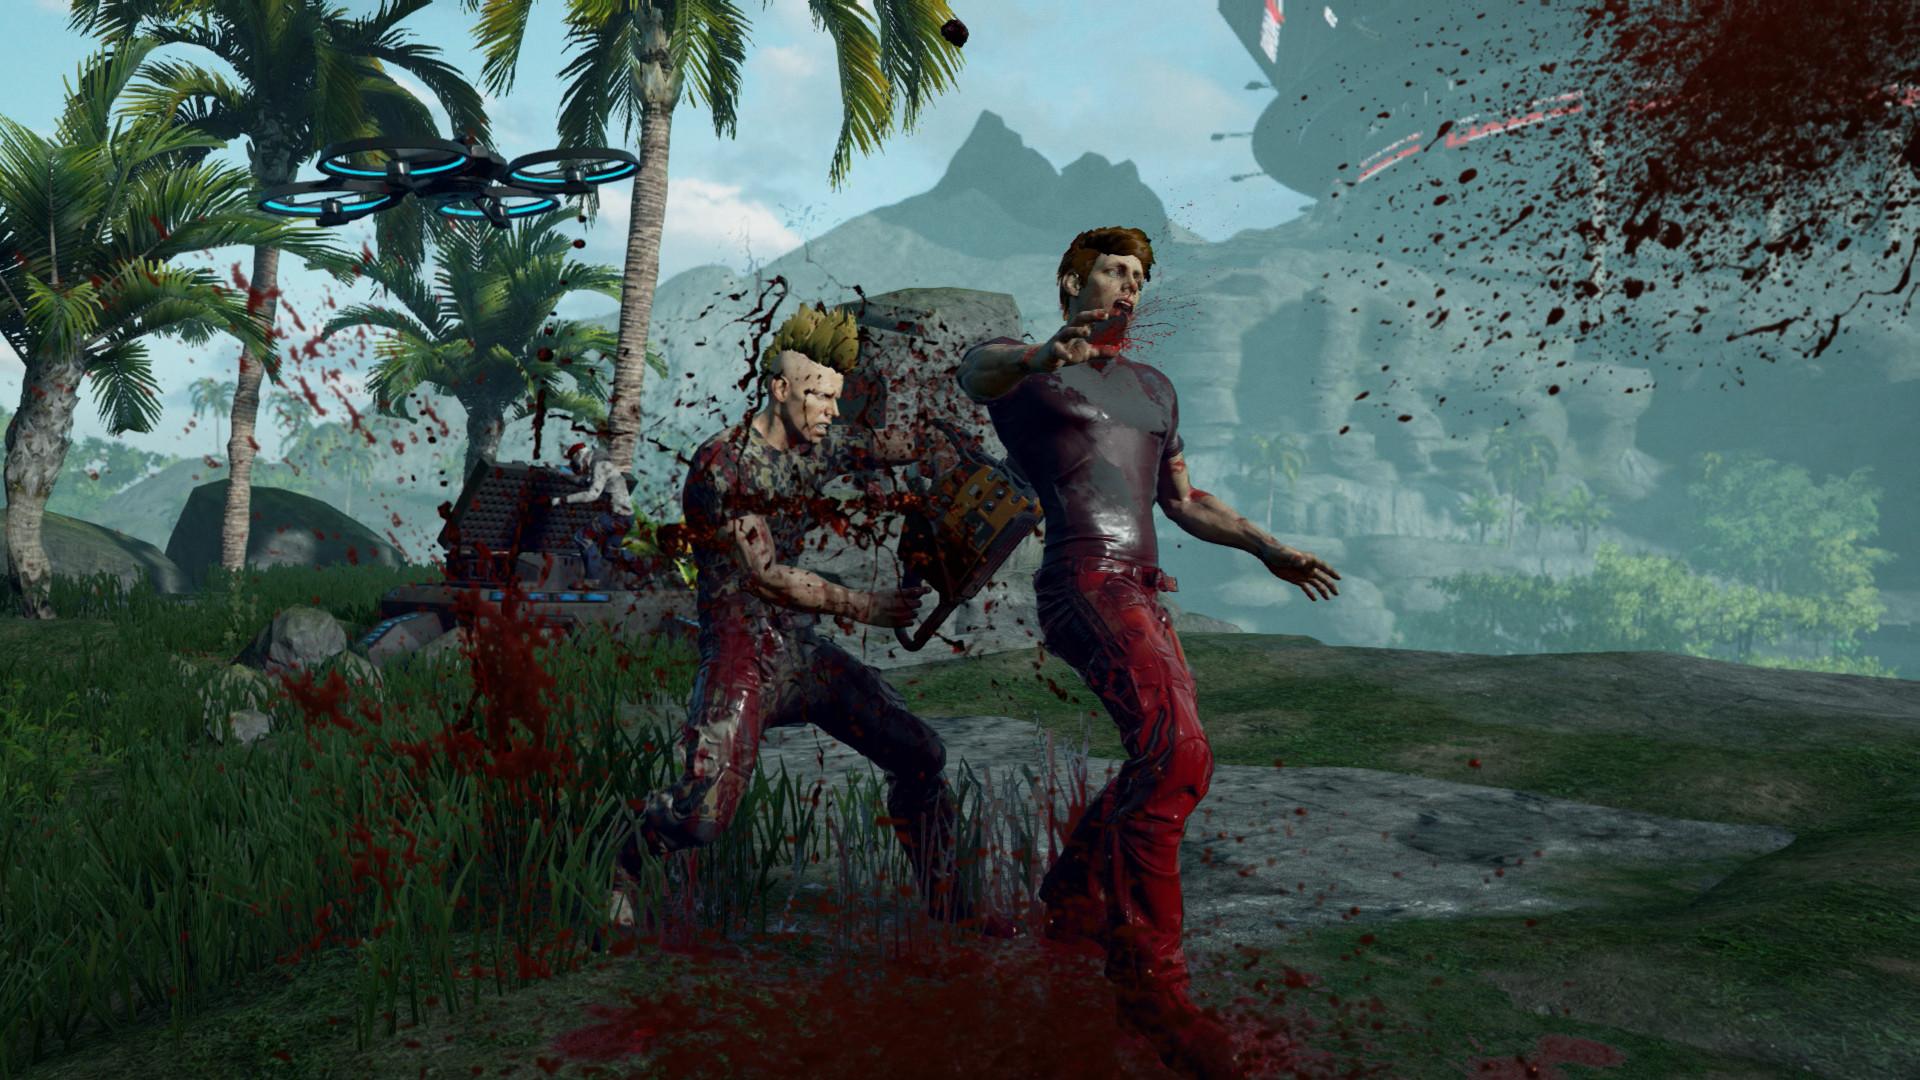 Com estilo 'Jogos Vorazes', The Culling chega exclusivamente ao Xbox One